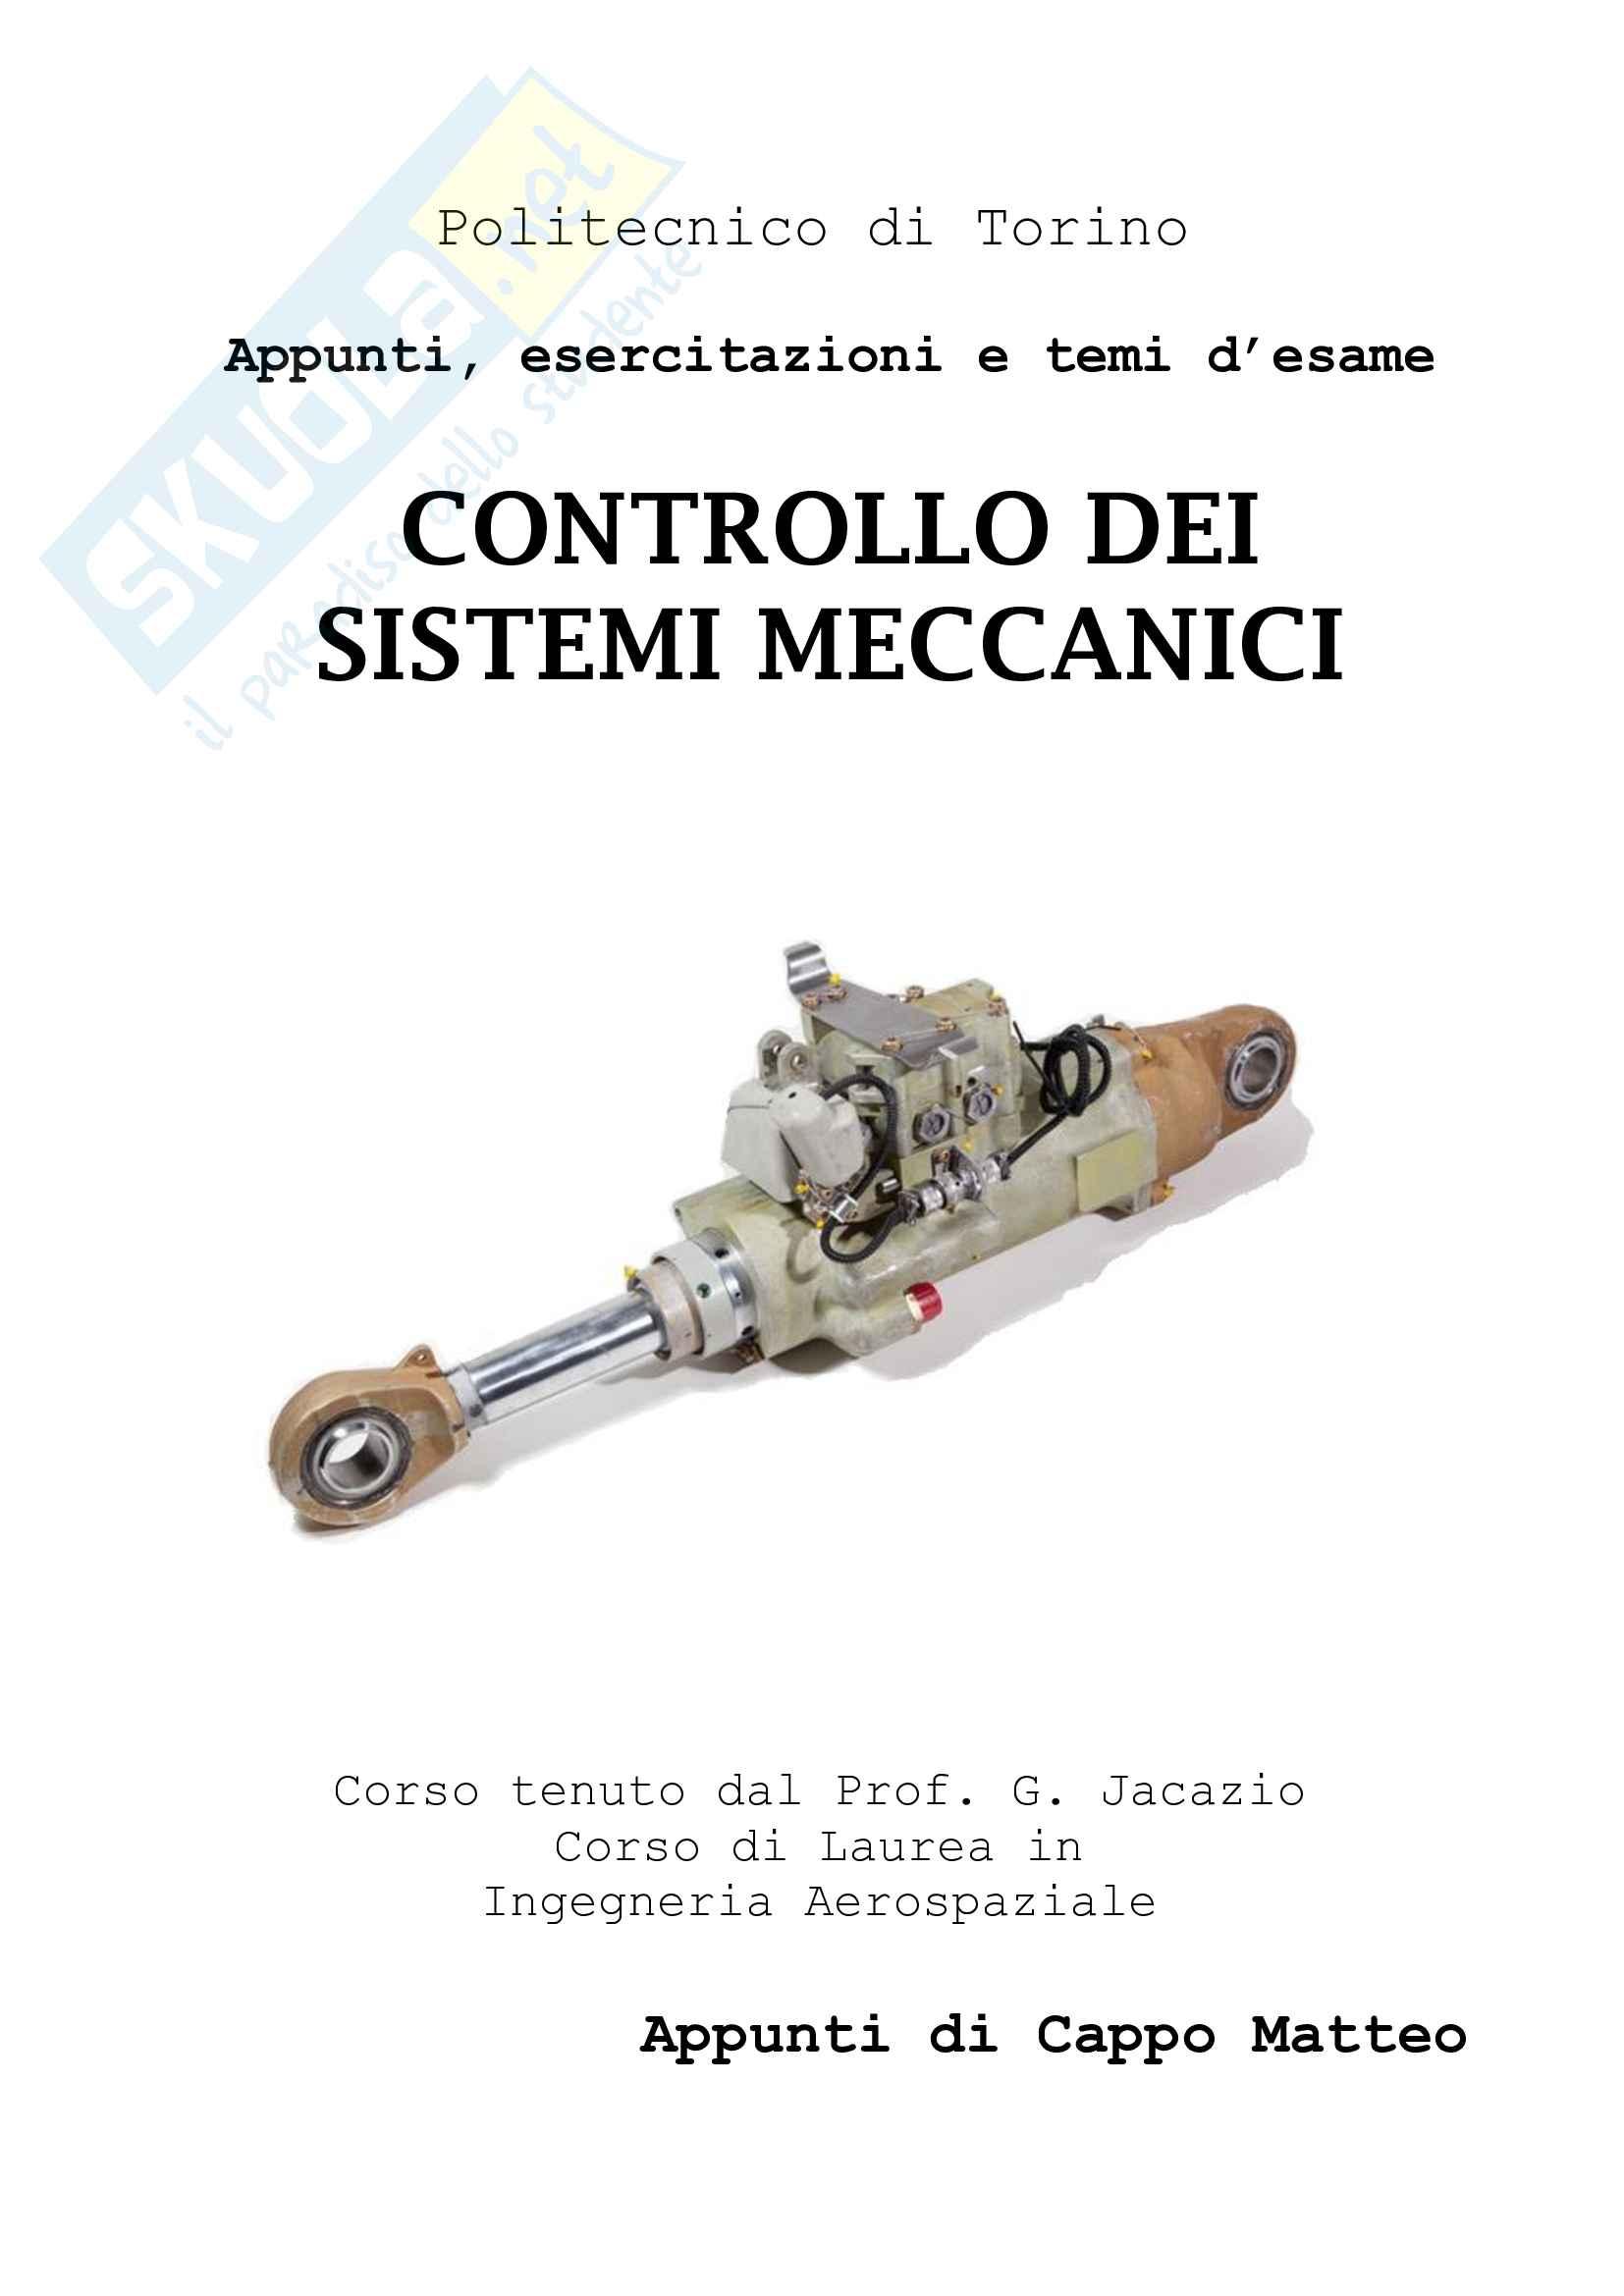 Controllo dei Sistemi Meccanici - Appunti ed esercizi